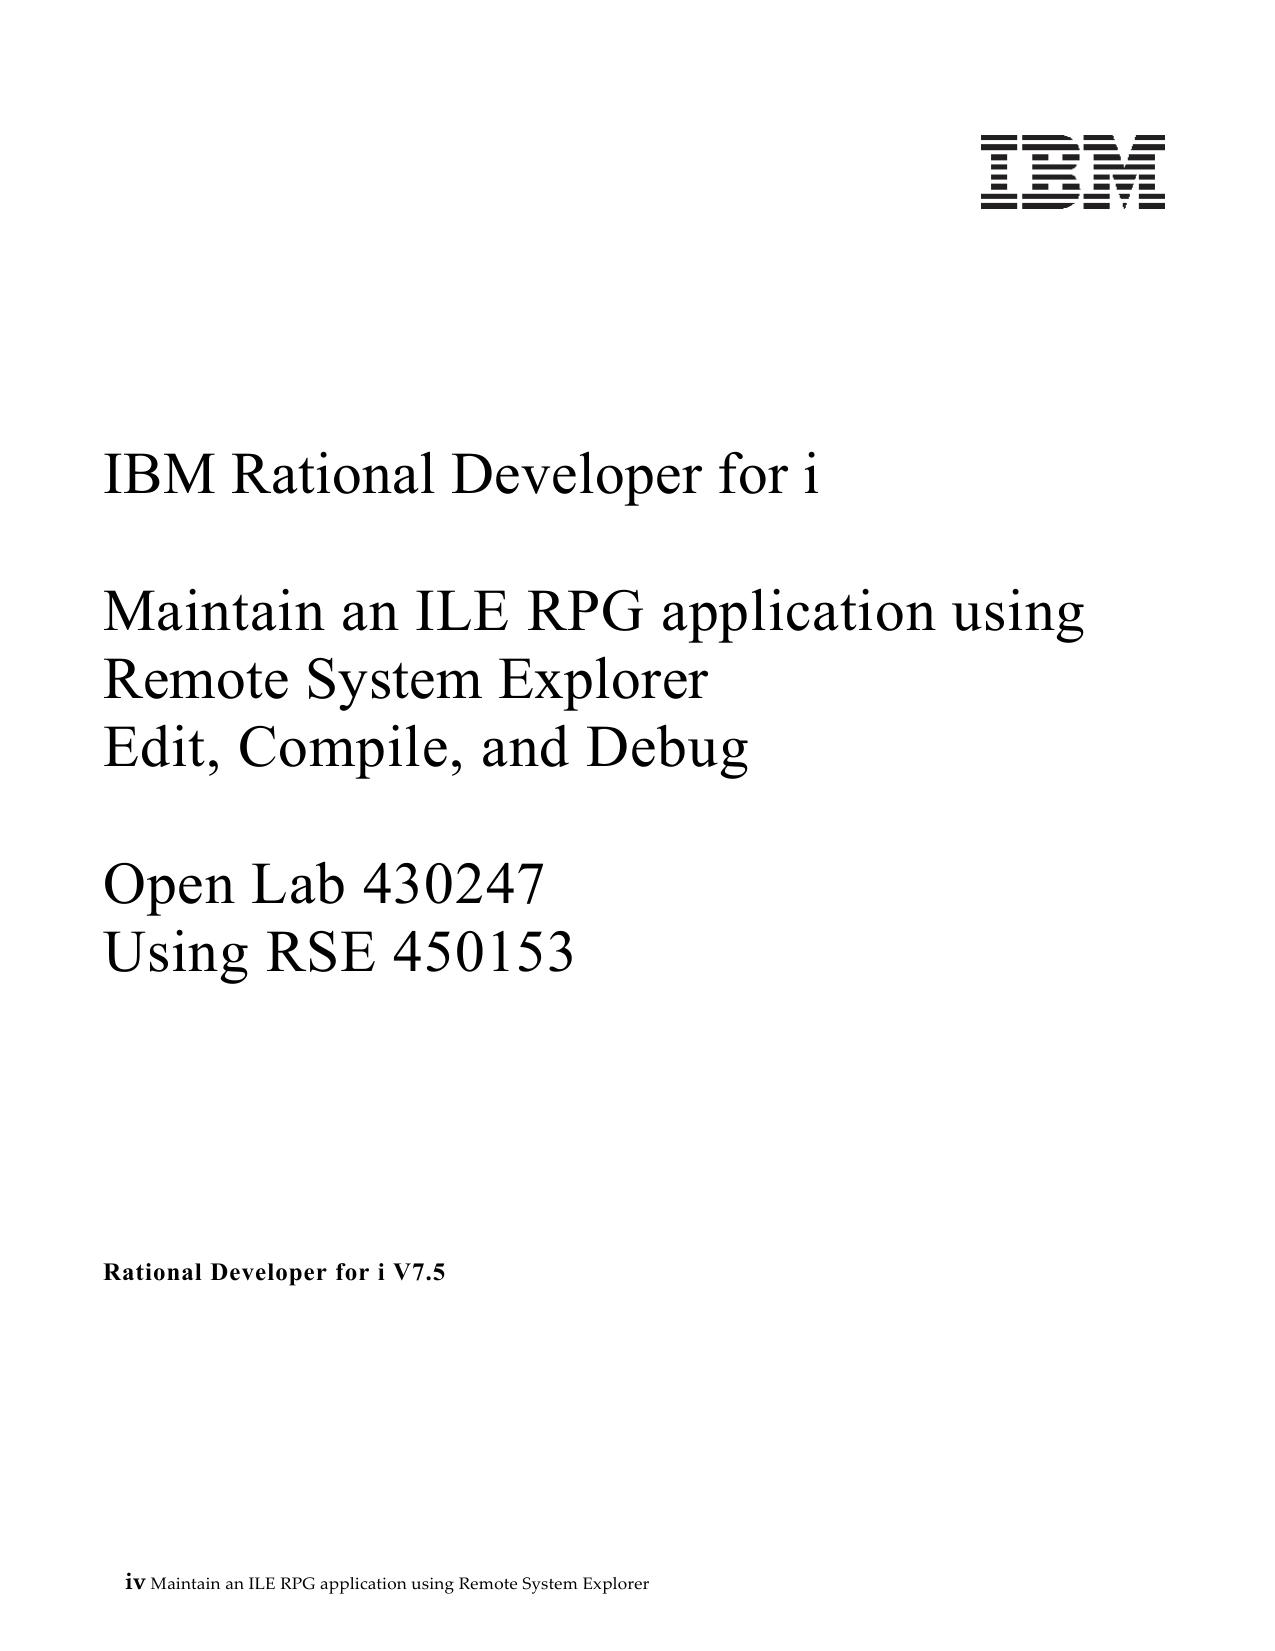 IBM Rational Developer for i Maintain an ILE RPG application